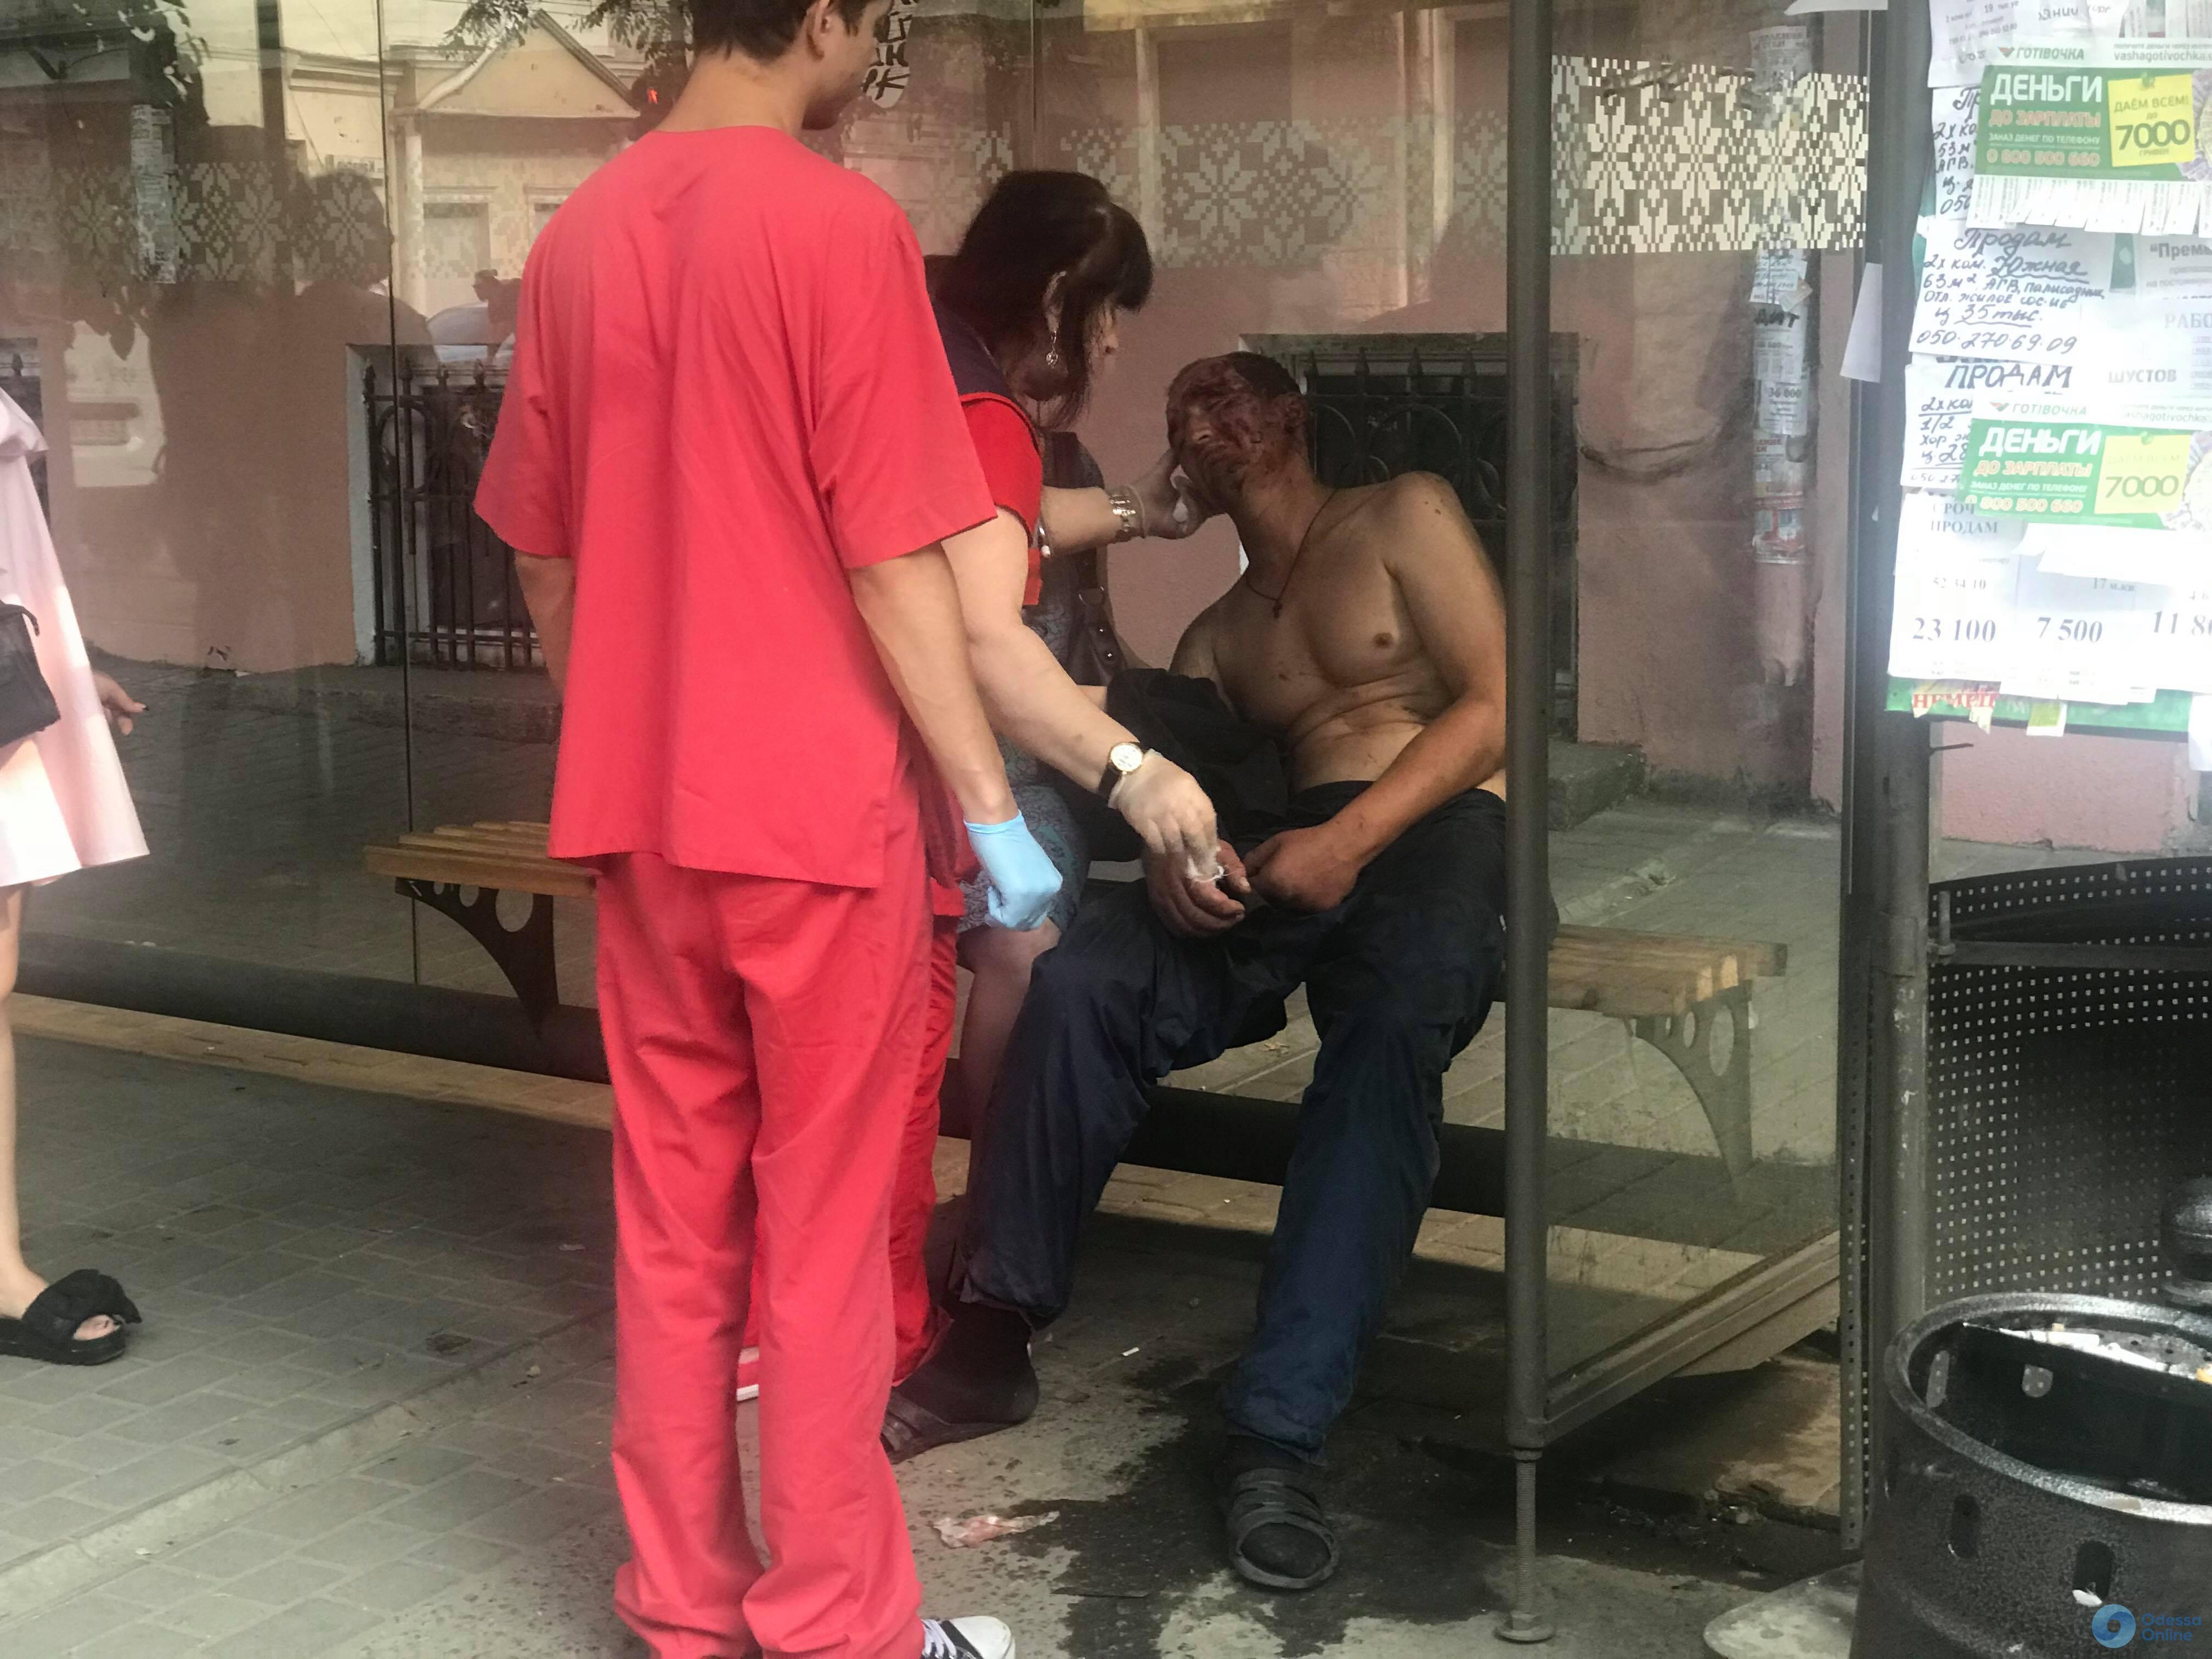 В Одессе мужчина упал со ступенек трамвая и разбил голову